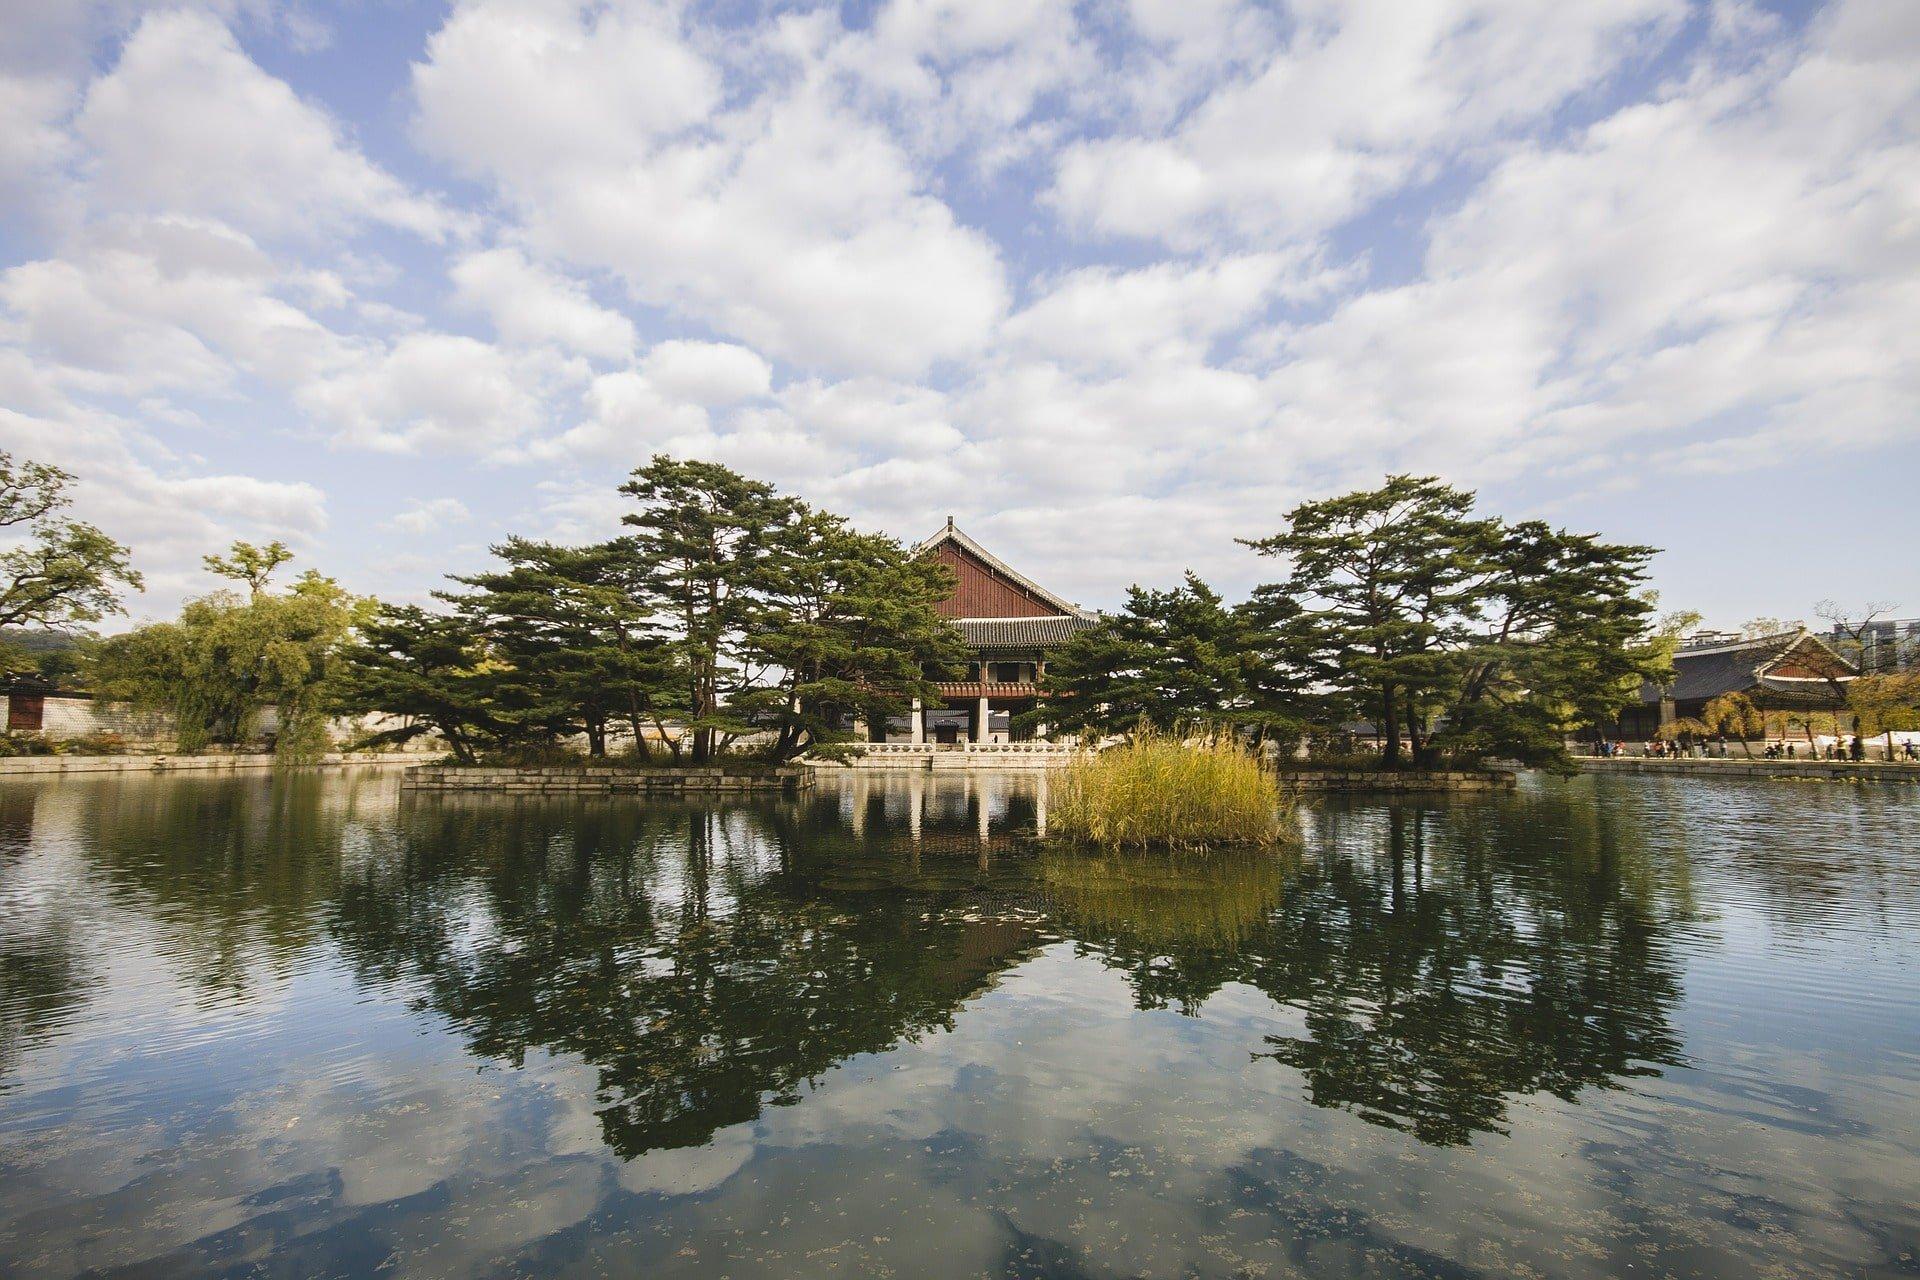 temple au milieu de l'eau